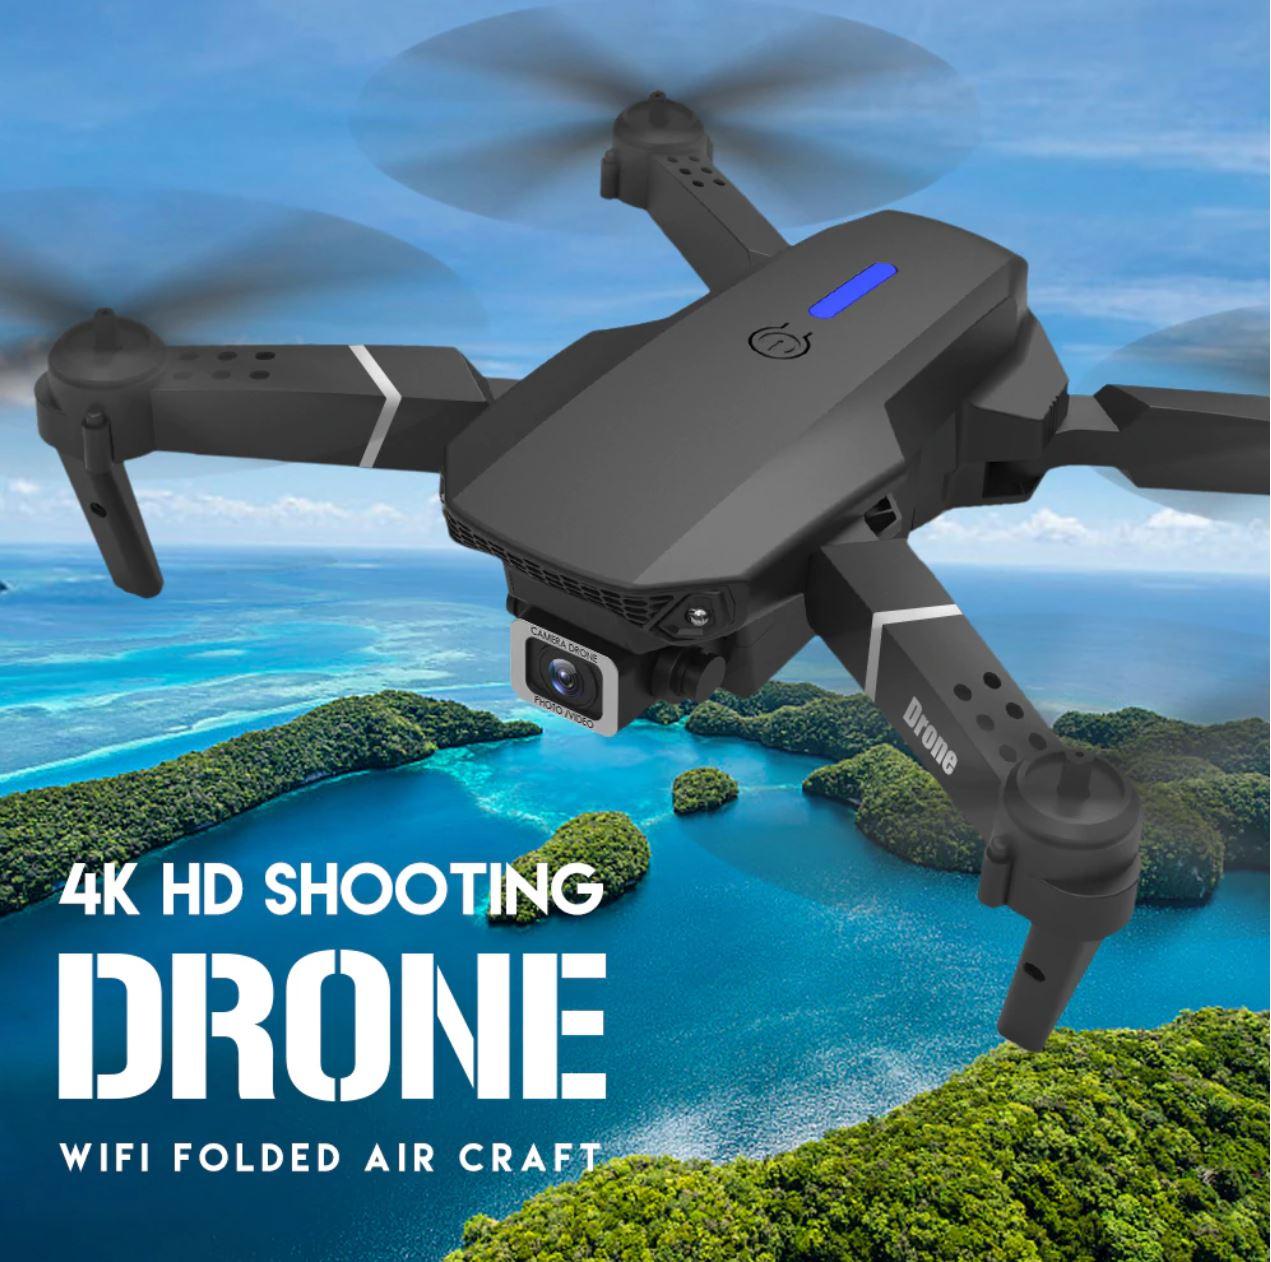 Drony od 50 zł i inne zabawki dla dużych chłopców w promocji Aliexpress - XKJ E88 Pro